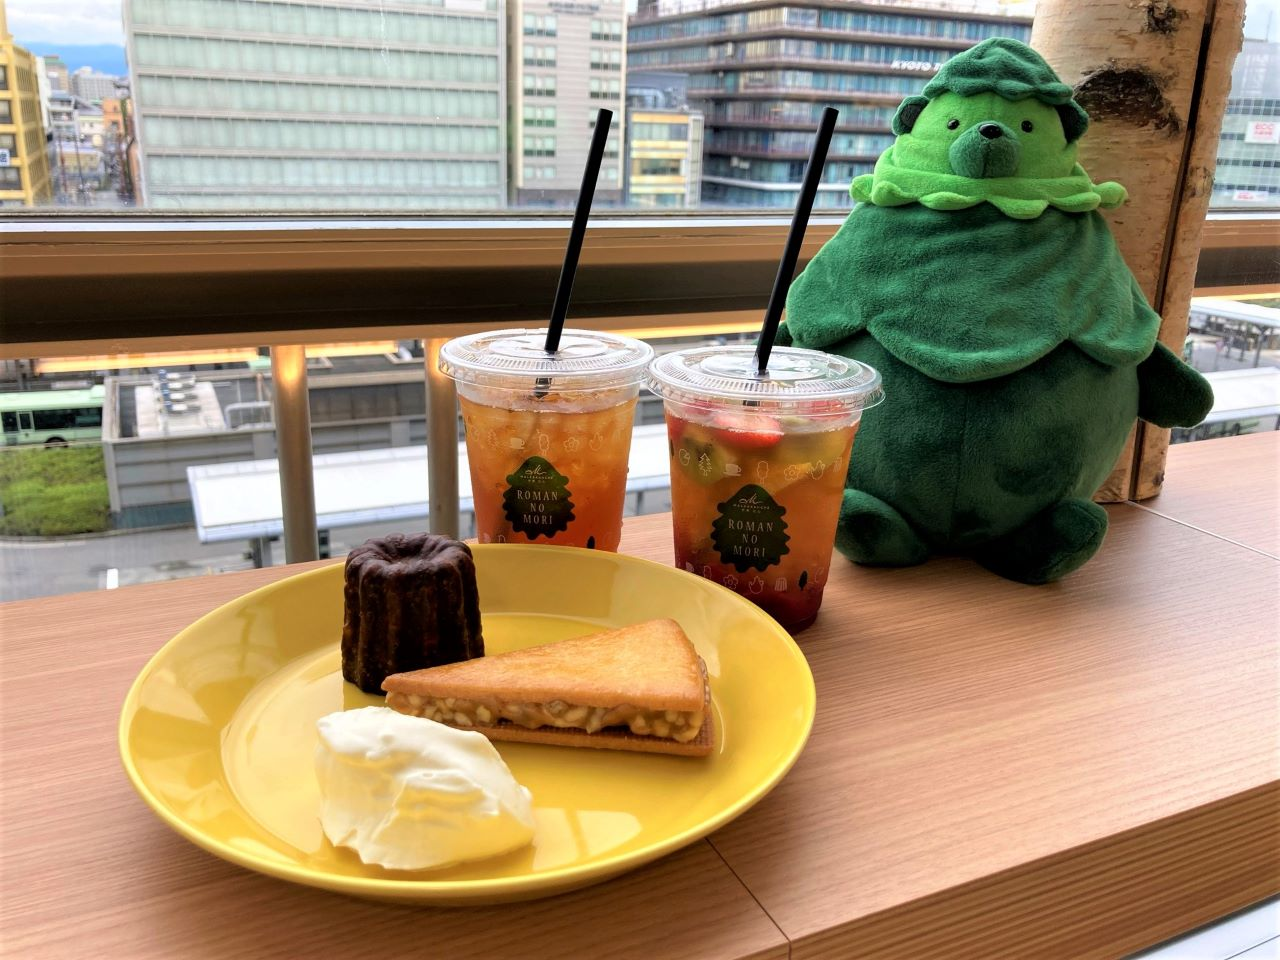 京都駅にマールブランシュ「ロマンの森カフェ」がオープン!オリジナル京都紅茶と限定スイーツを楽しめる【実食ルポ】 画像1